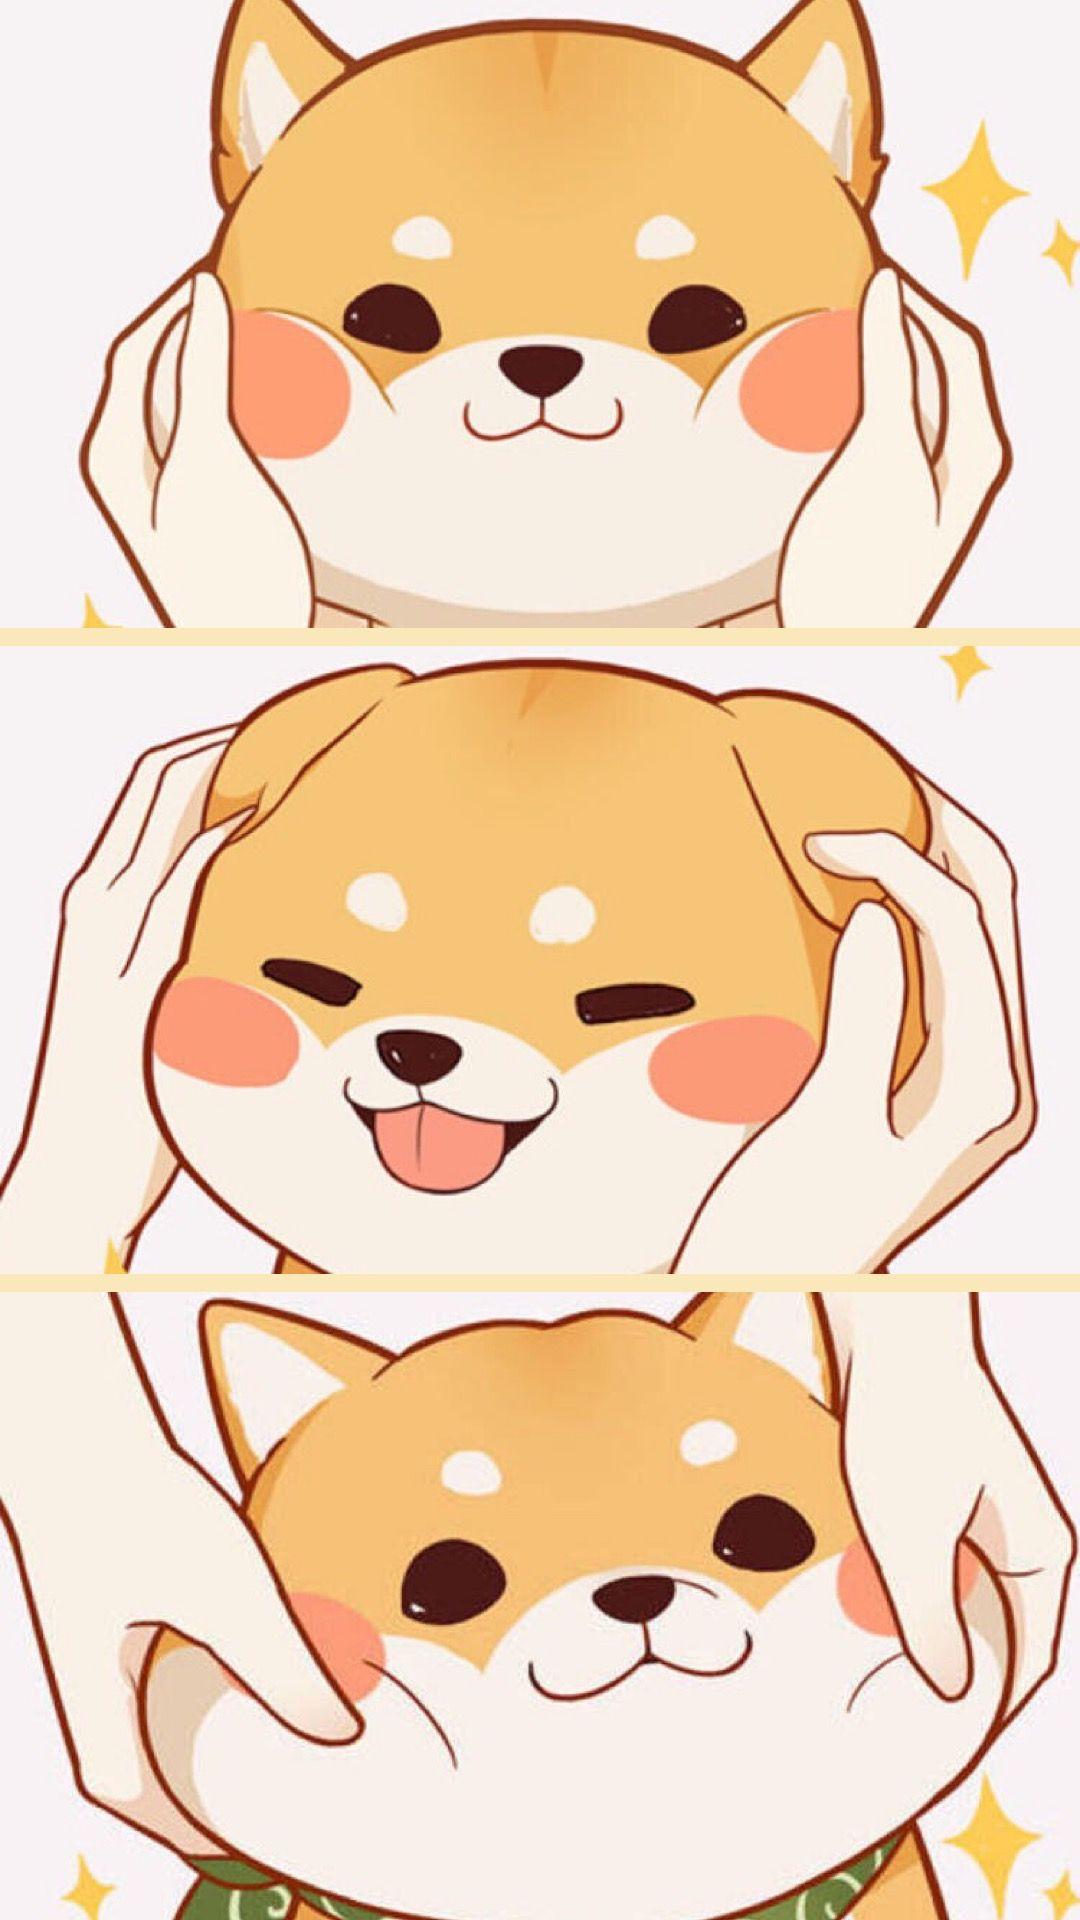 Corgi Cute Wallpaper Dog Cartoon Corgi Wallpaper Cute Dog Cartoon Corgi Cartoon